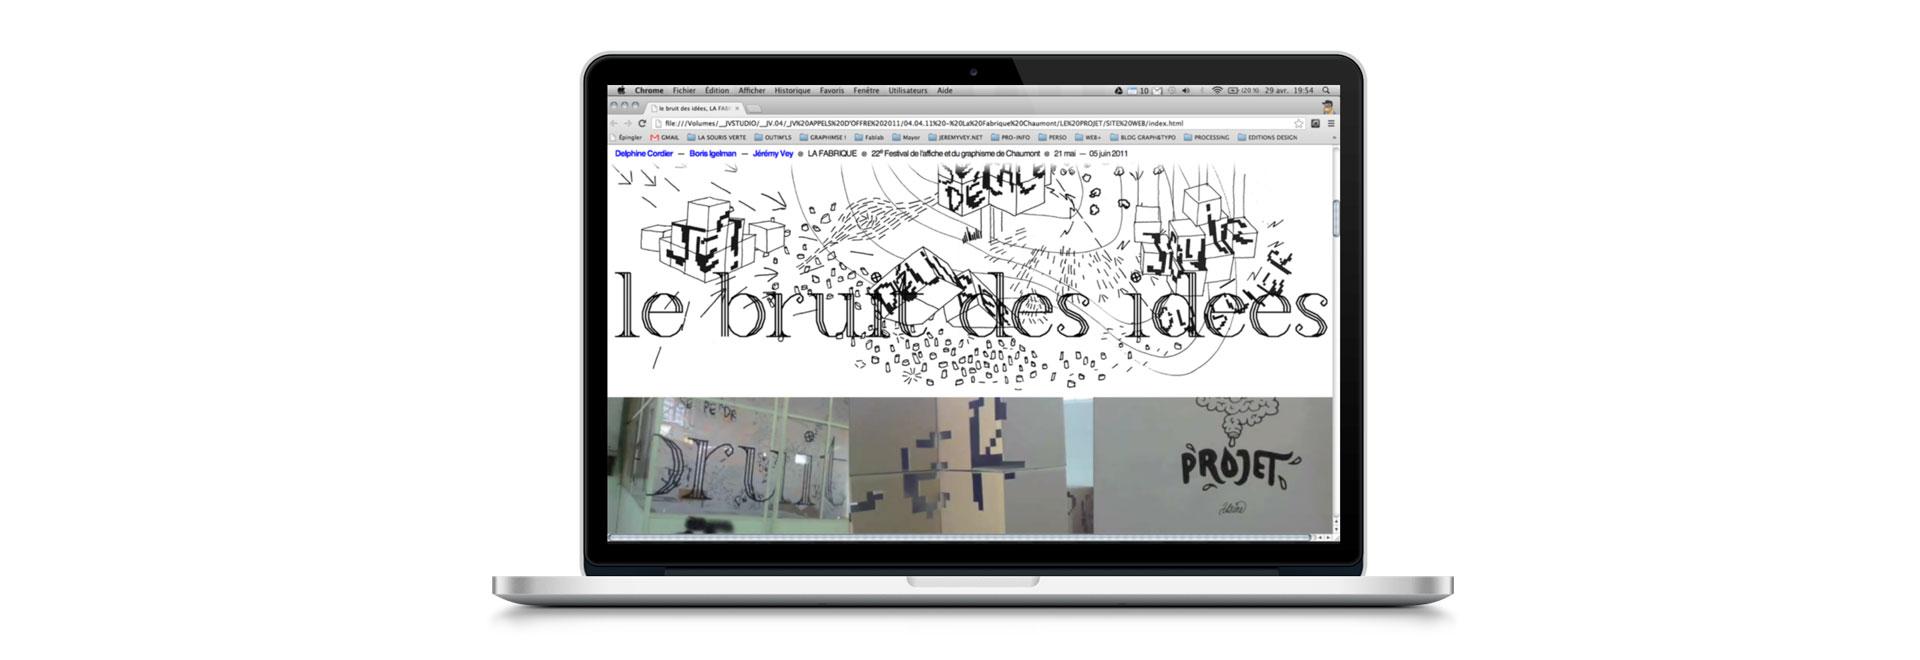 Festival-Chaumont-4-site-web-design-2